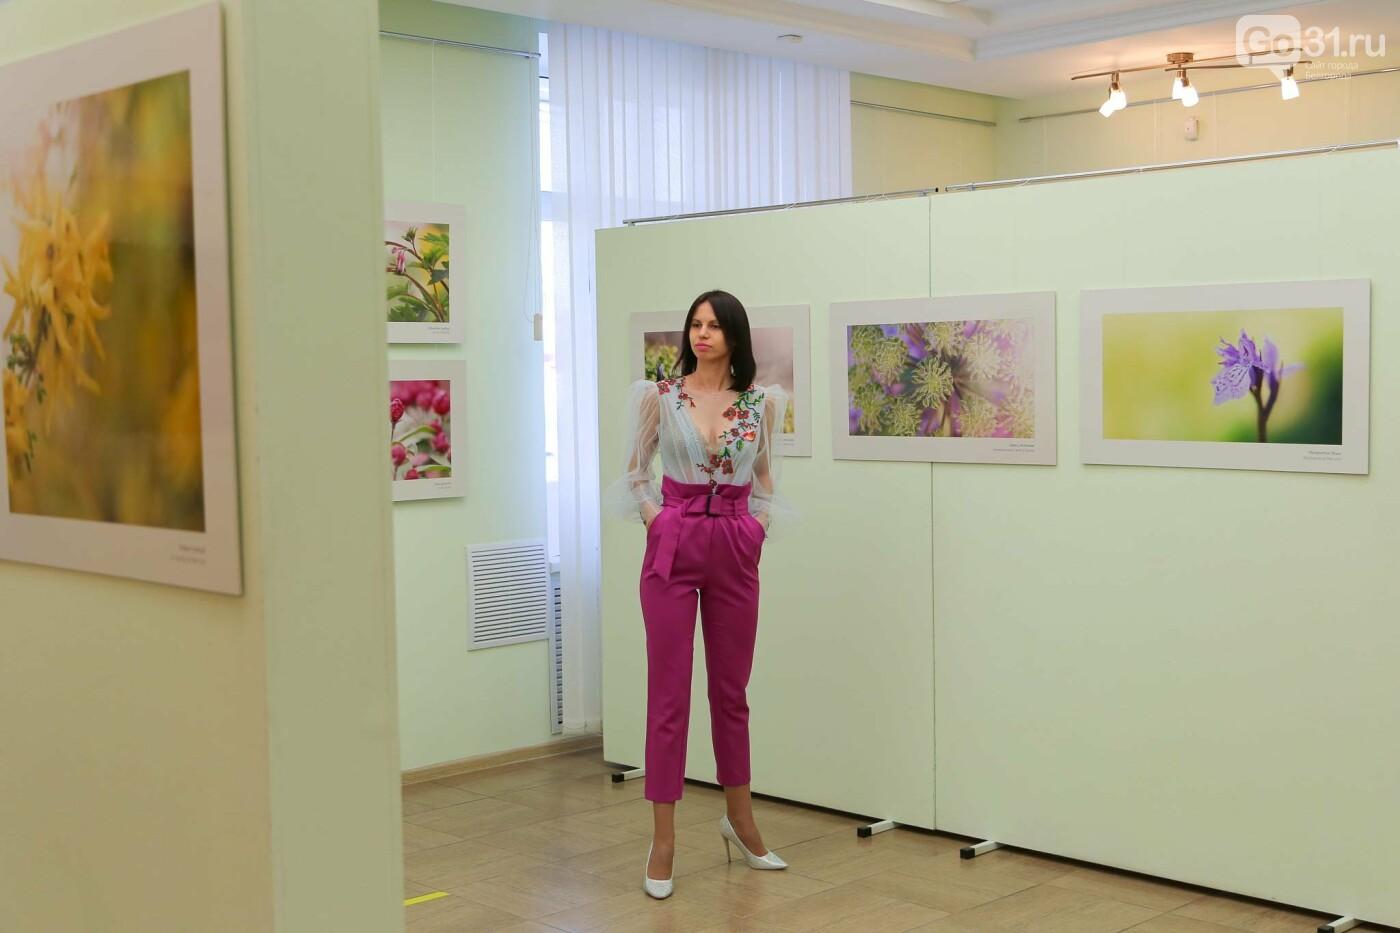 Выставка о красоте, гармонии и нежности